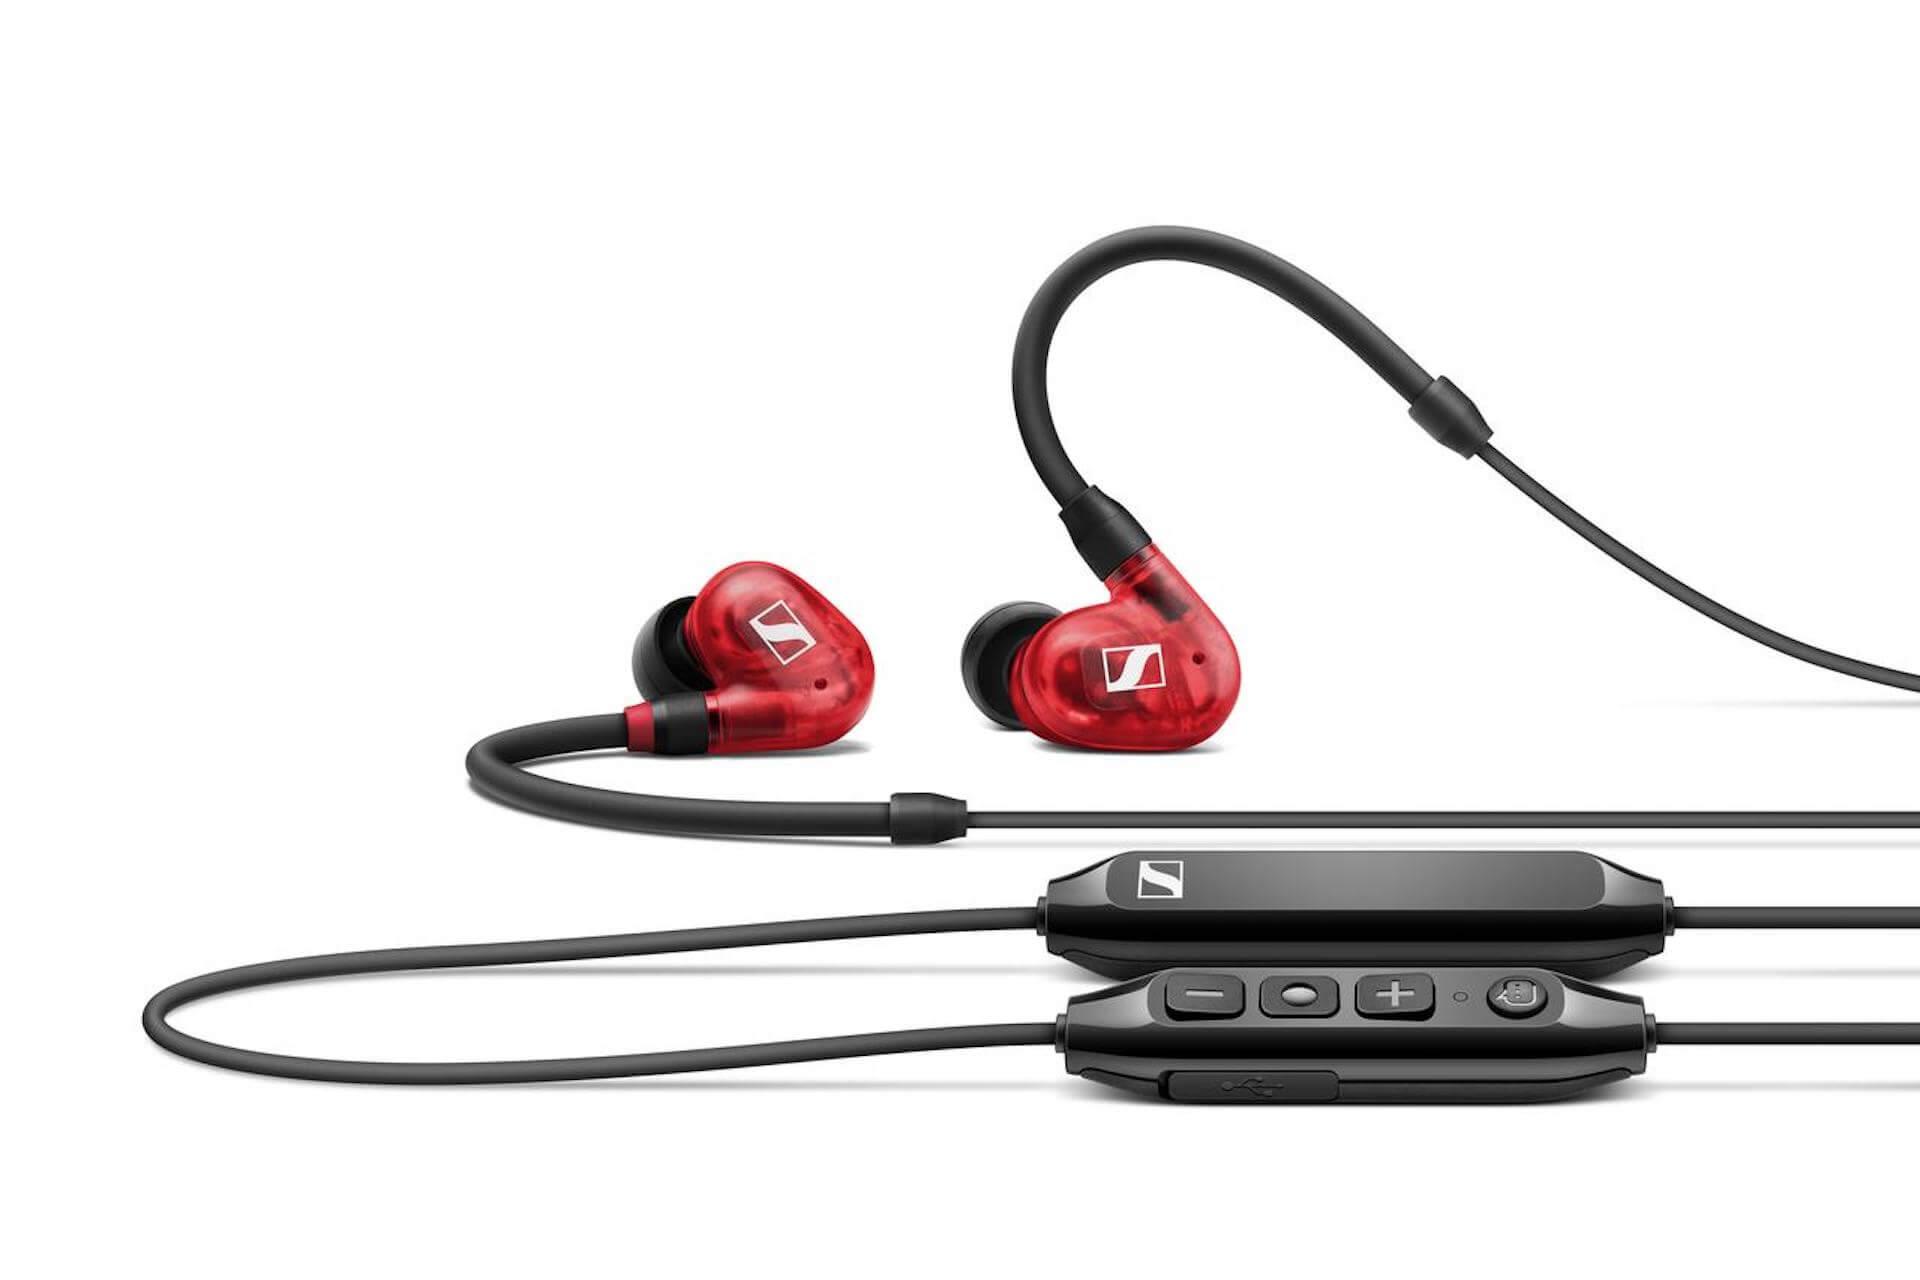 ゼンハイザーからワイヤレス&有線に対応するプロ仕様のモニタリングイヤホン『IE 100 PRO Wireless』が発売決定! tech210930_sennheiser_7